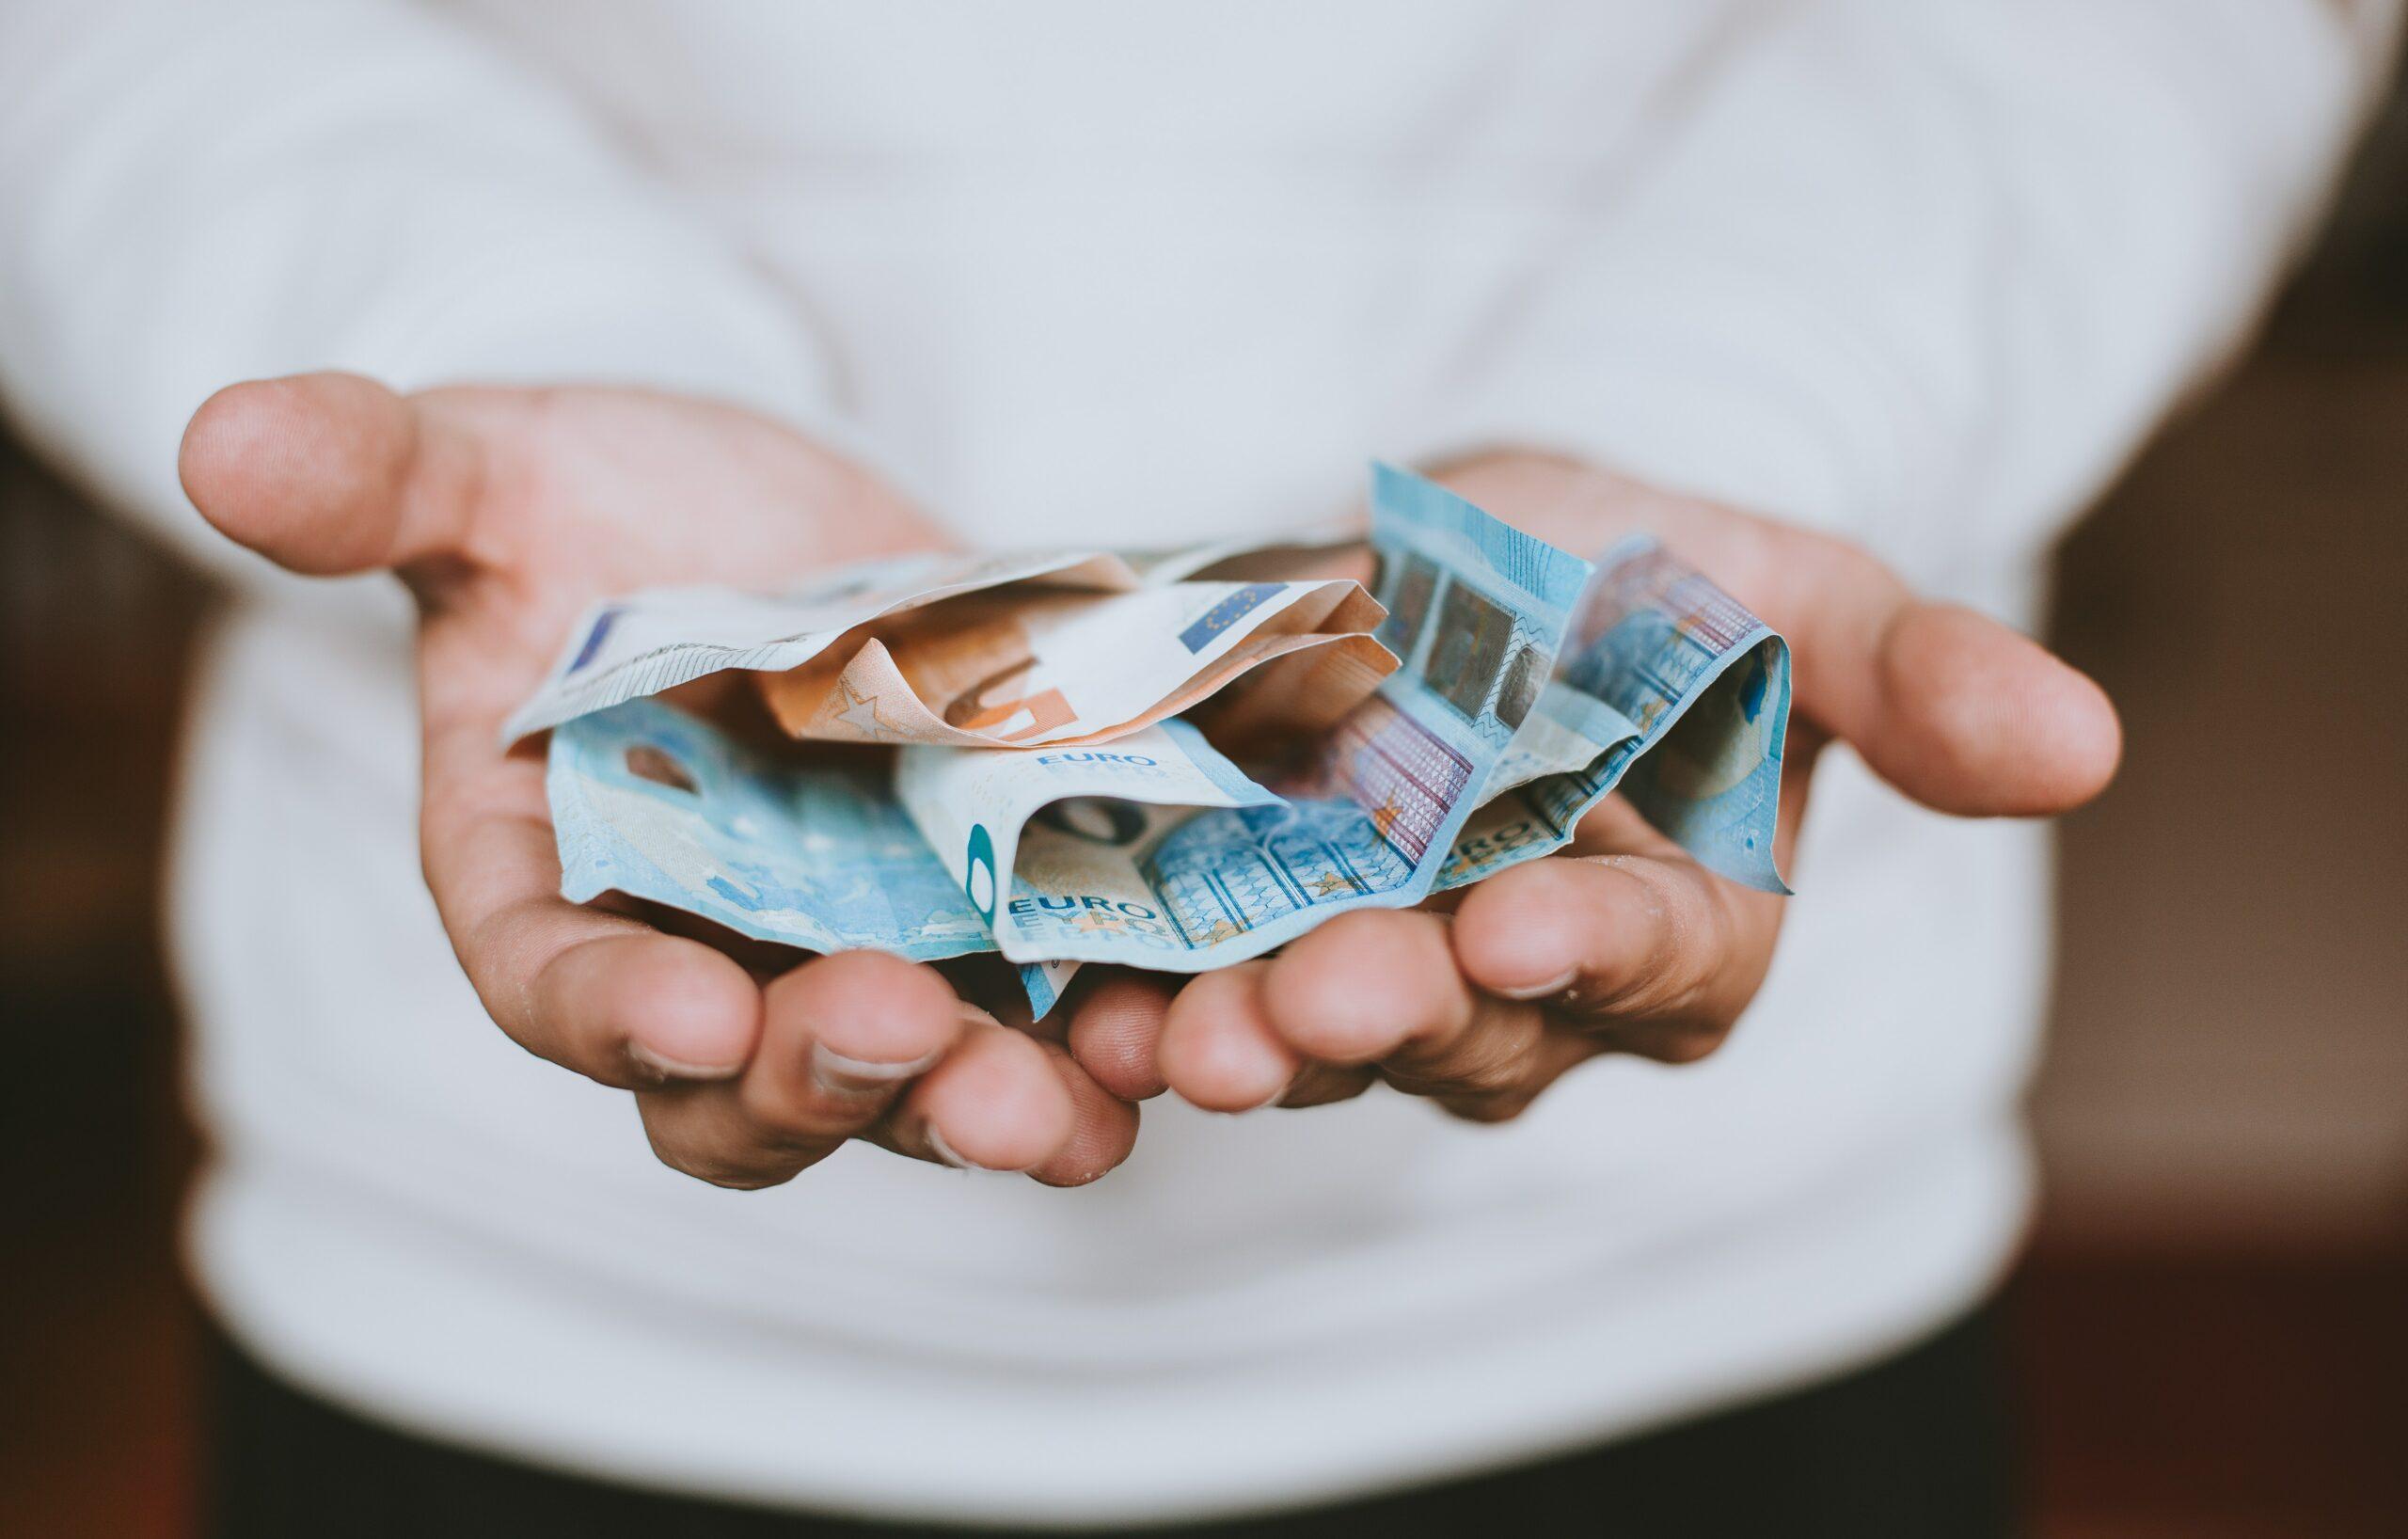 emréstimo-online-mãos-com-dinheiro